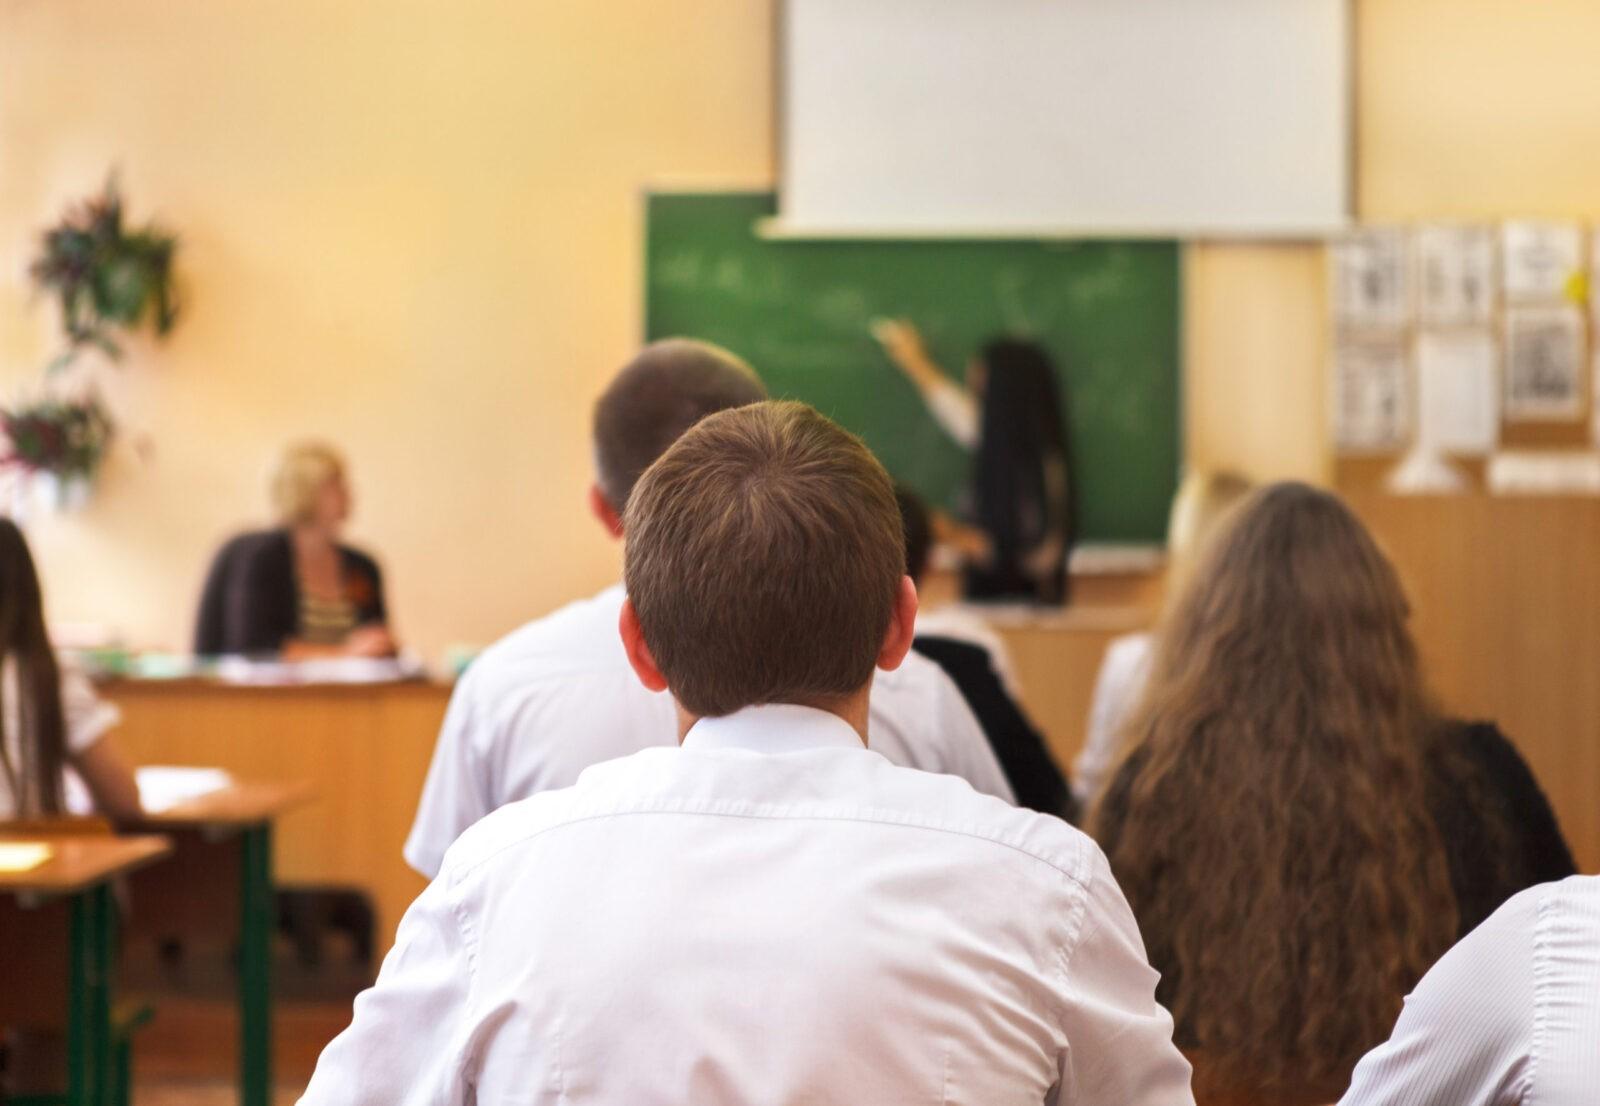 Тысячи школьников из Тверской области получат поддержку на приобретение школьной формы